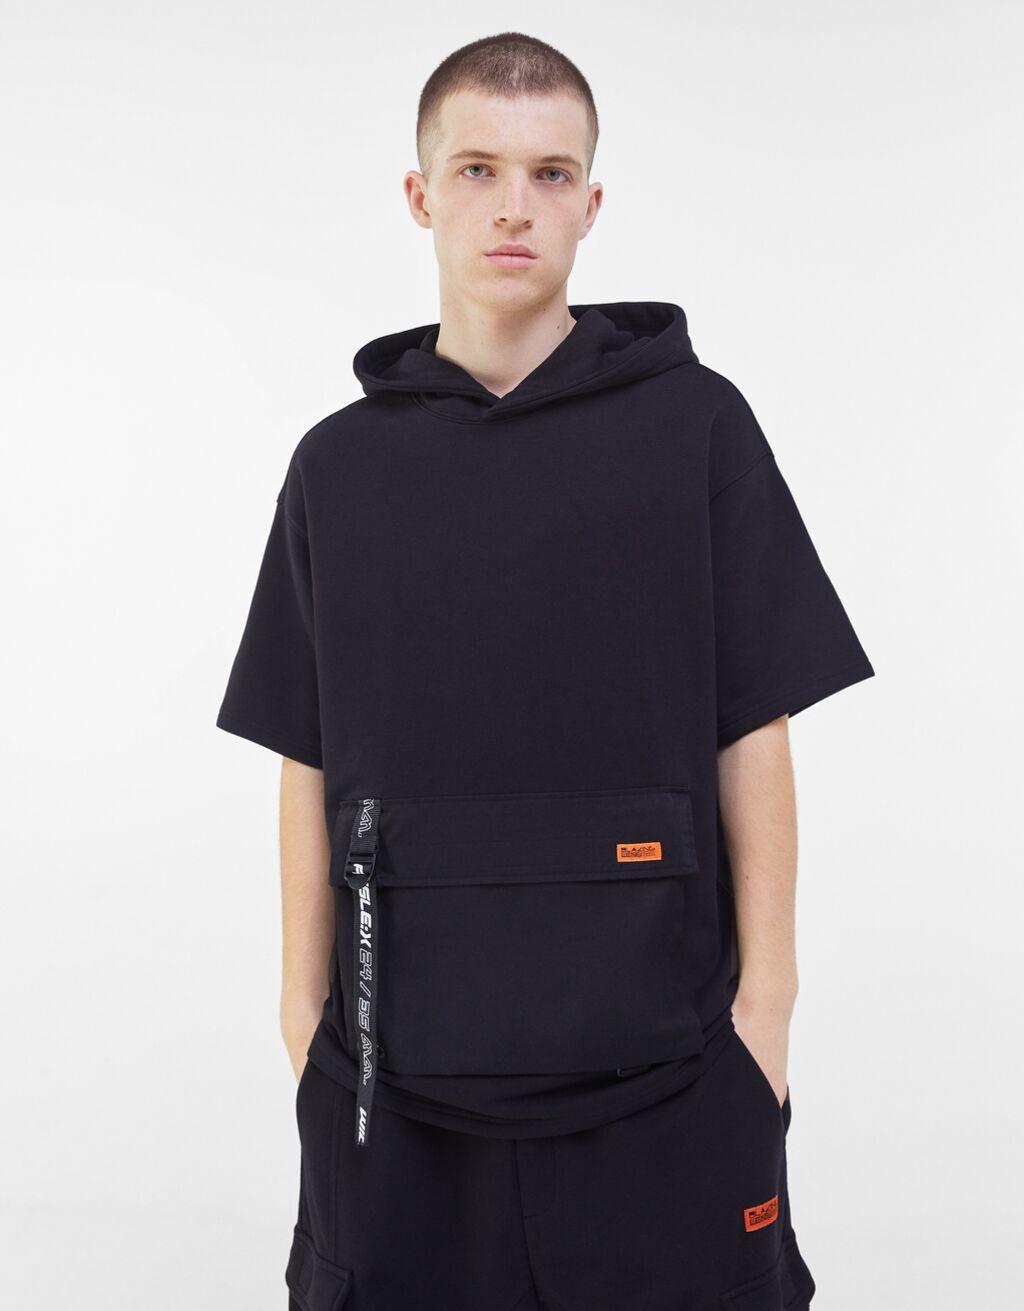 Camiseta con capucha en felpa con bolsillo delantero